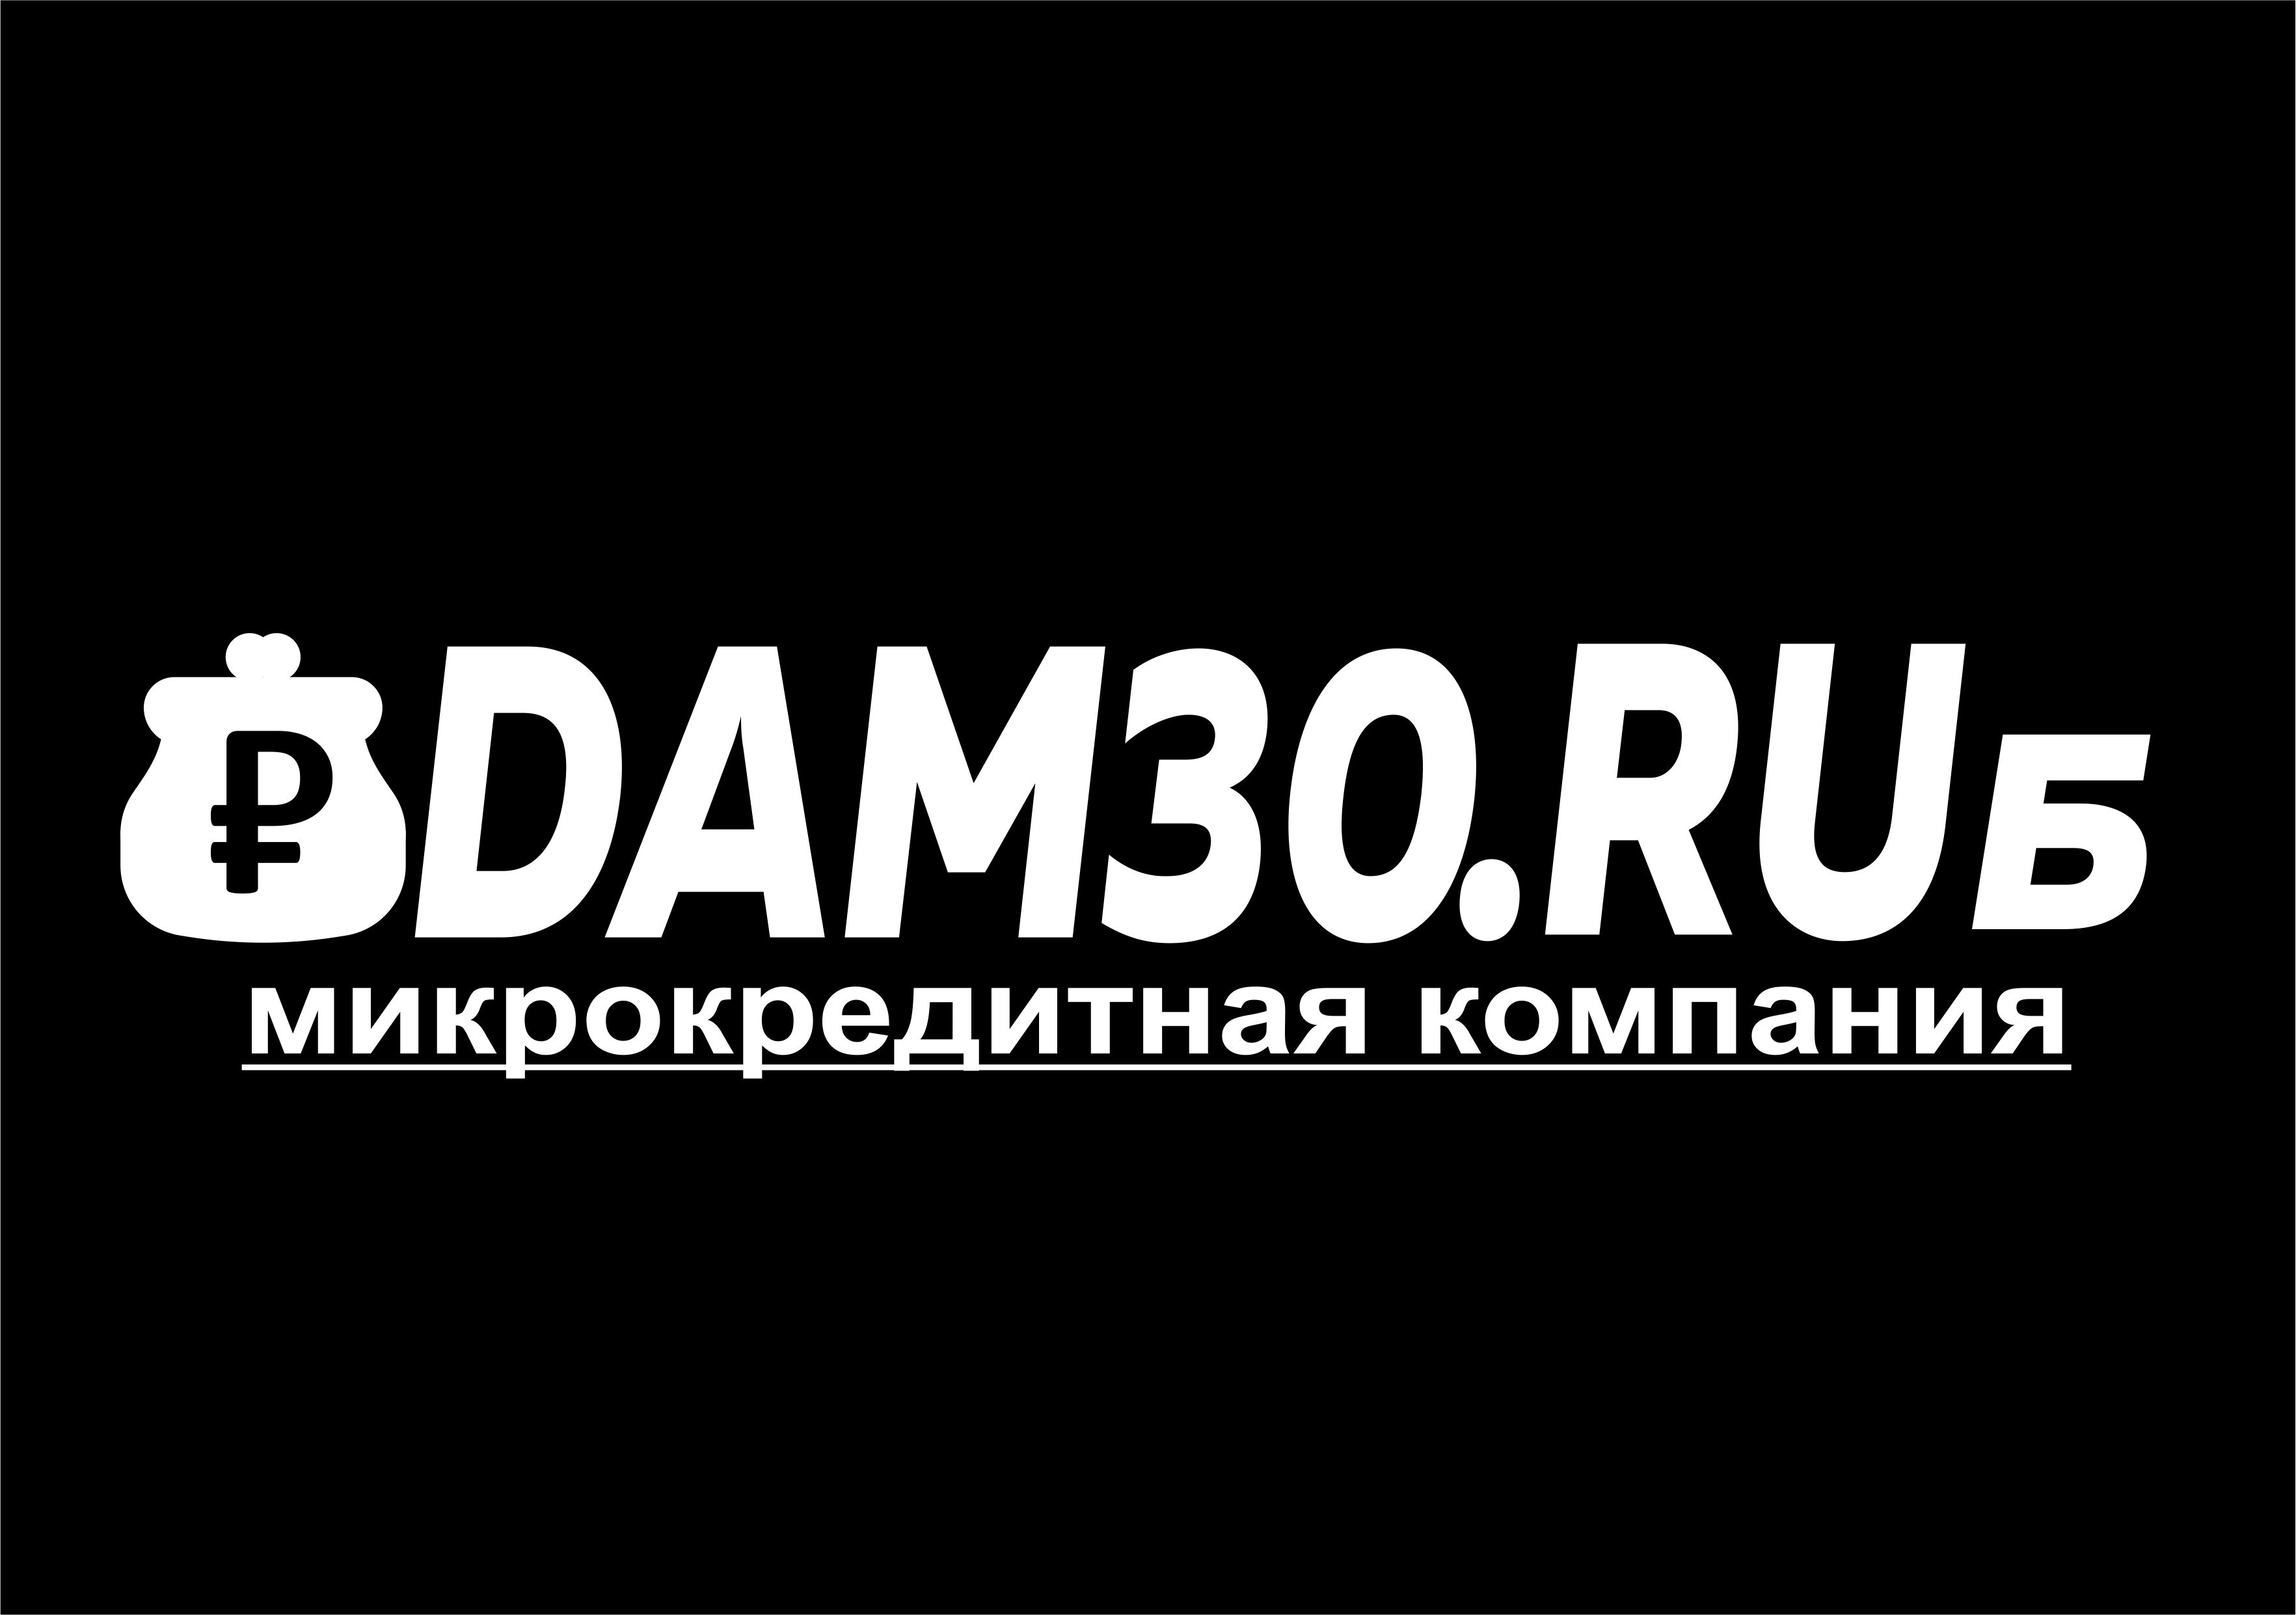 Логотип для микрокредитной, микрофинансовой компании фото f_0855a31283398185.jpg